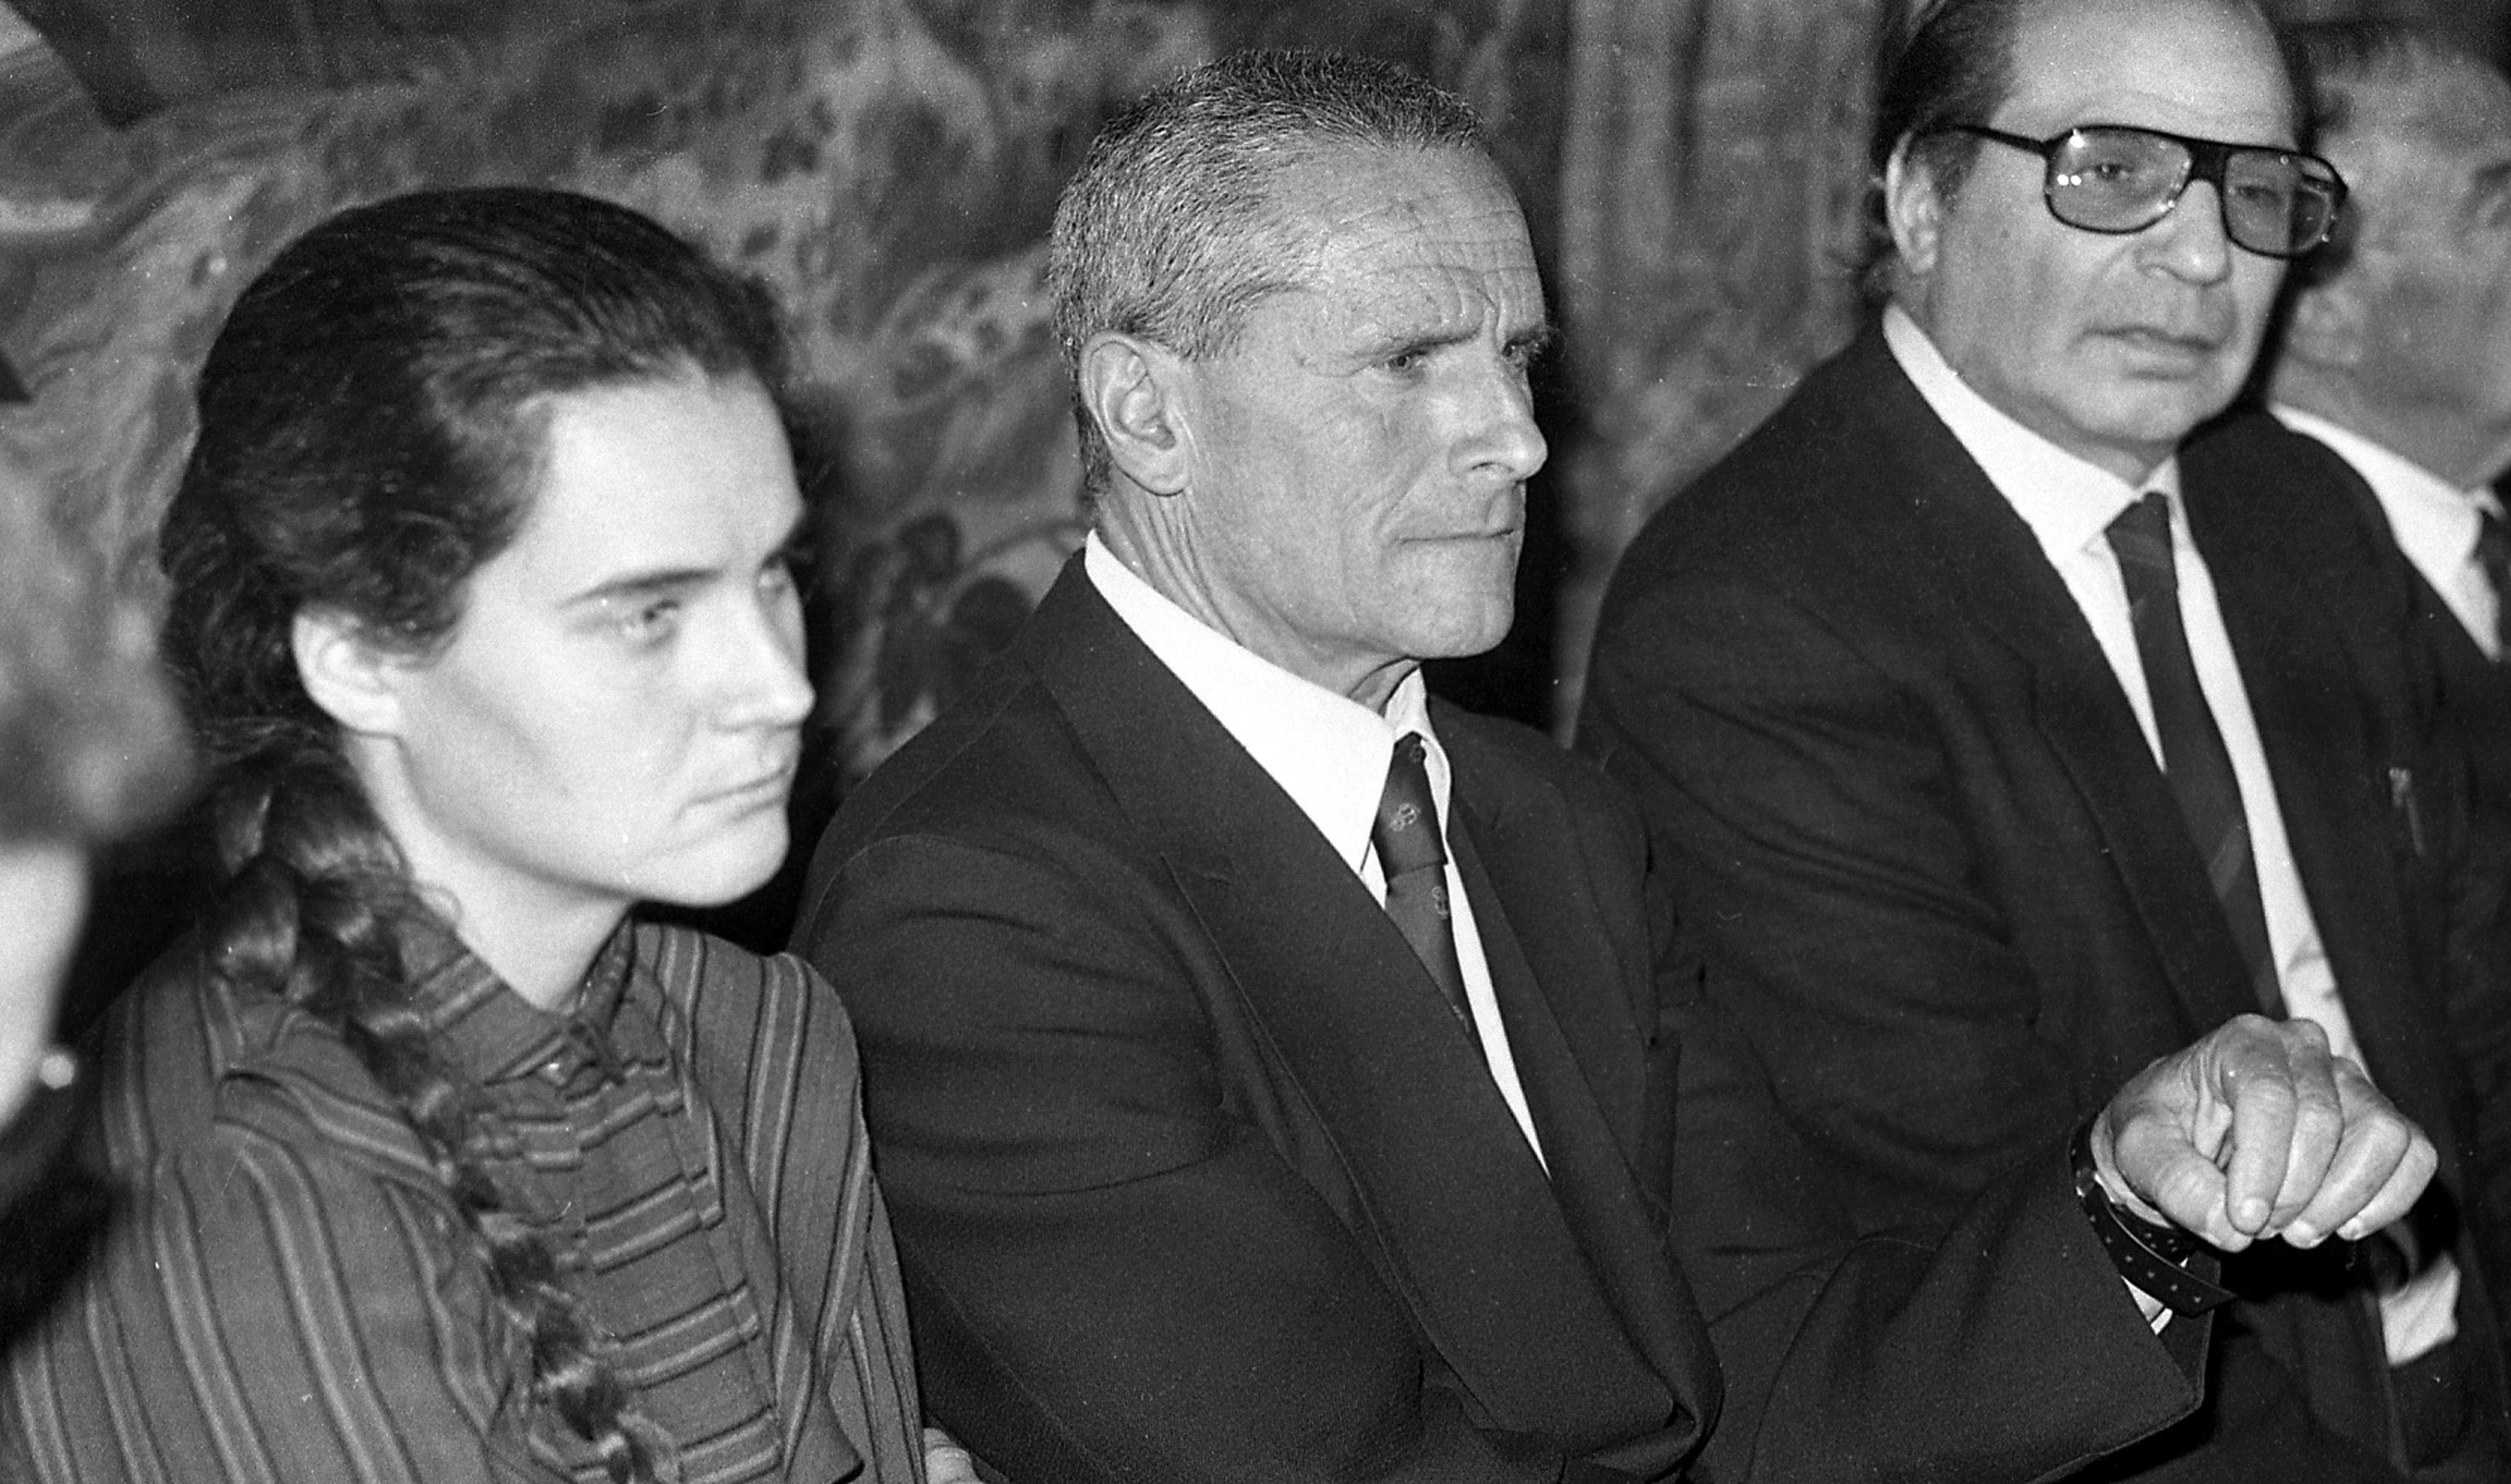 Conferenza stampa di rossana e enzo maiorca, Roma 11 aprile 1986